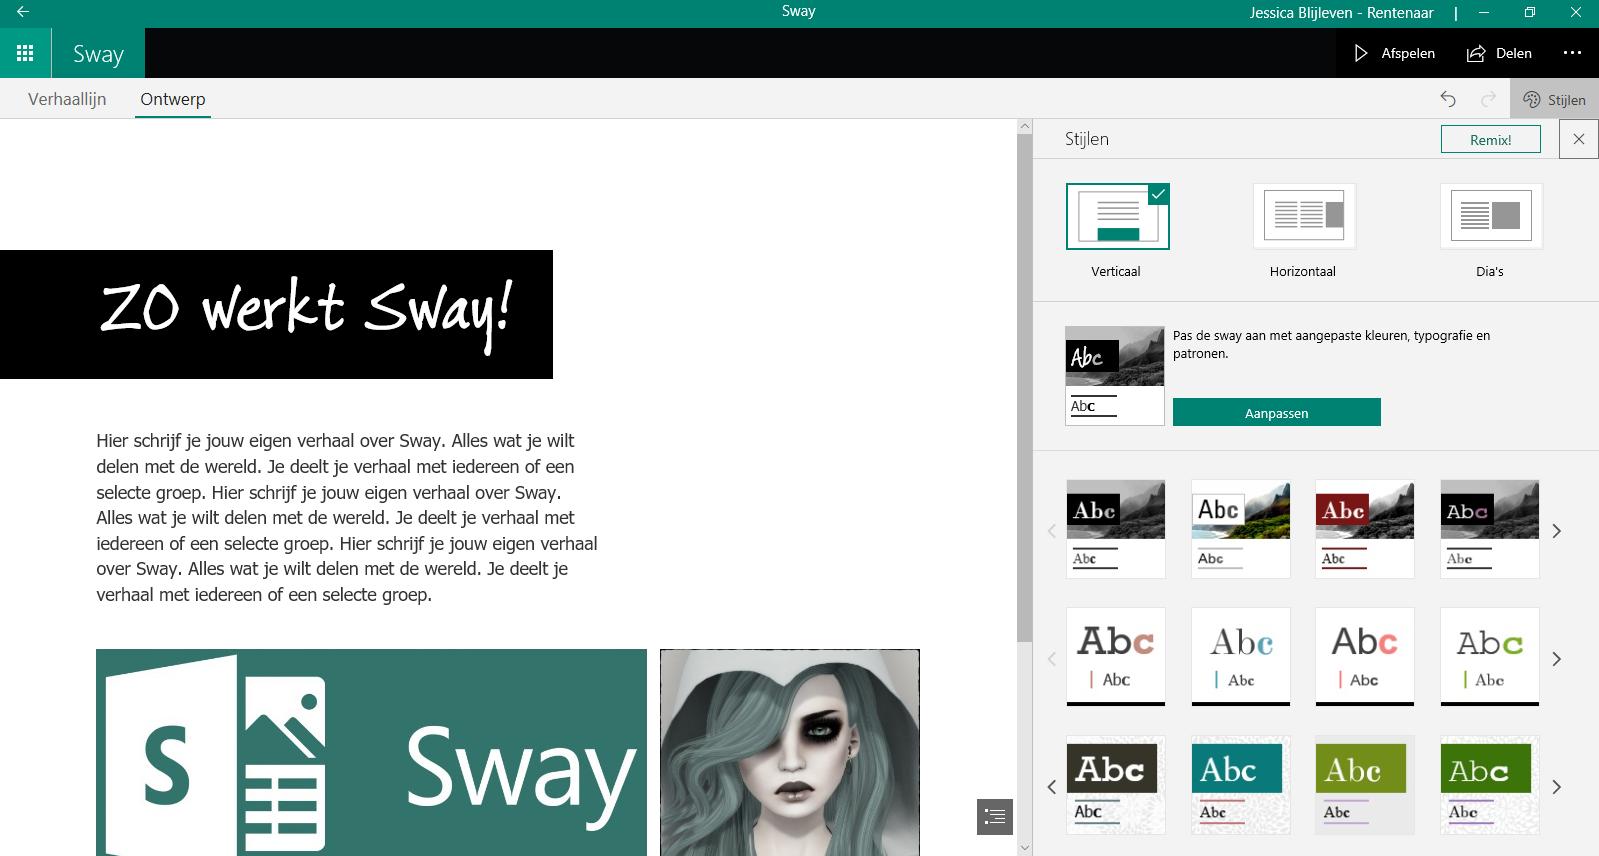 Sway3